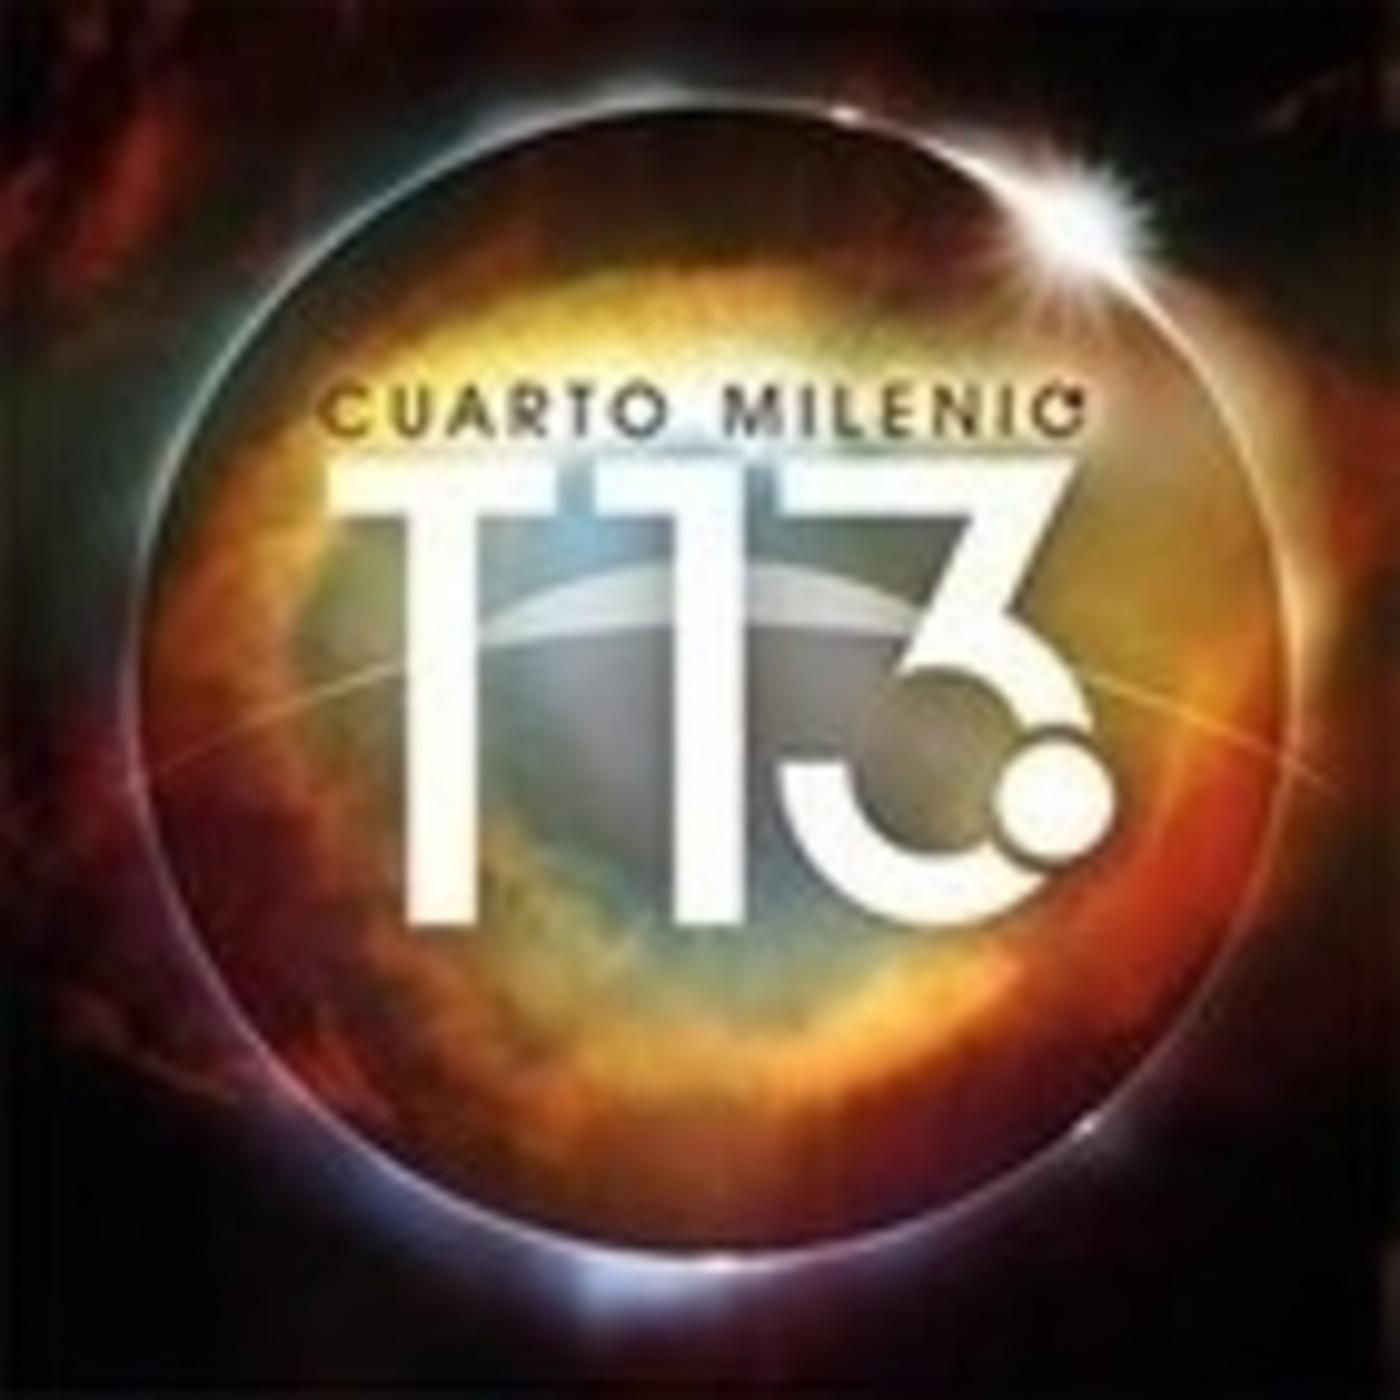 Cuarto milenio 11 2 2018 13x22 asaro los ltimos for Ultimo episodio cuarto milenio